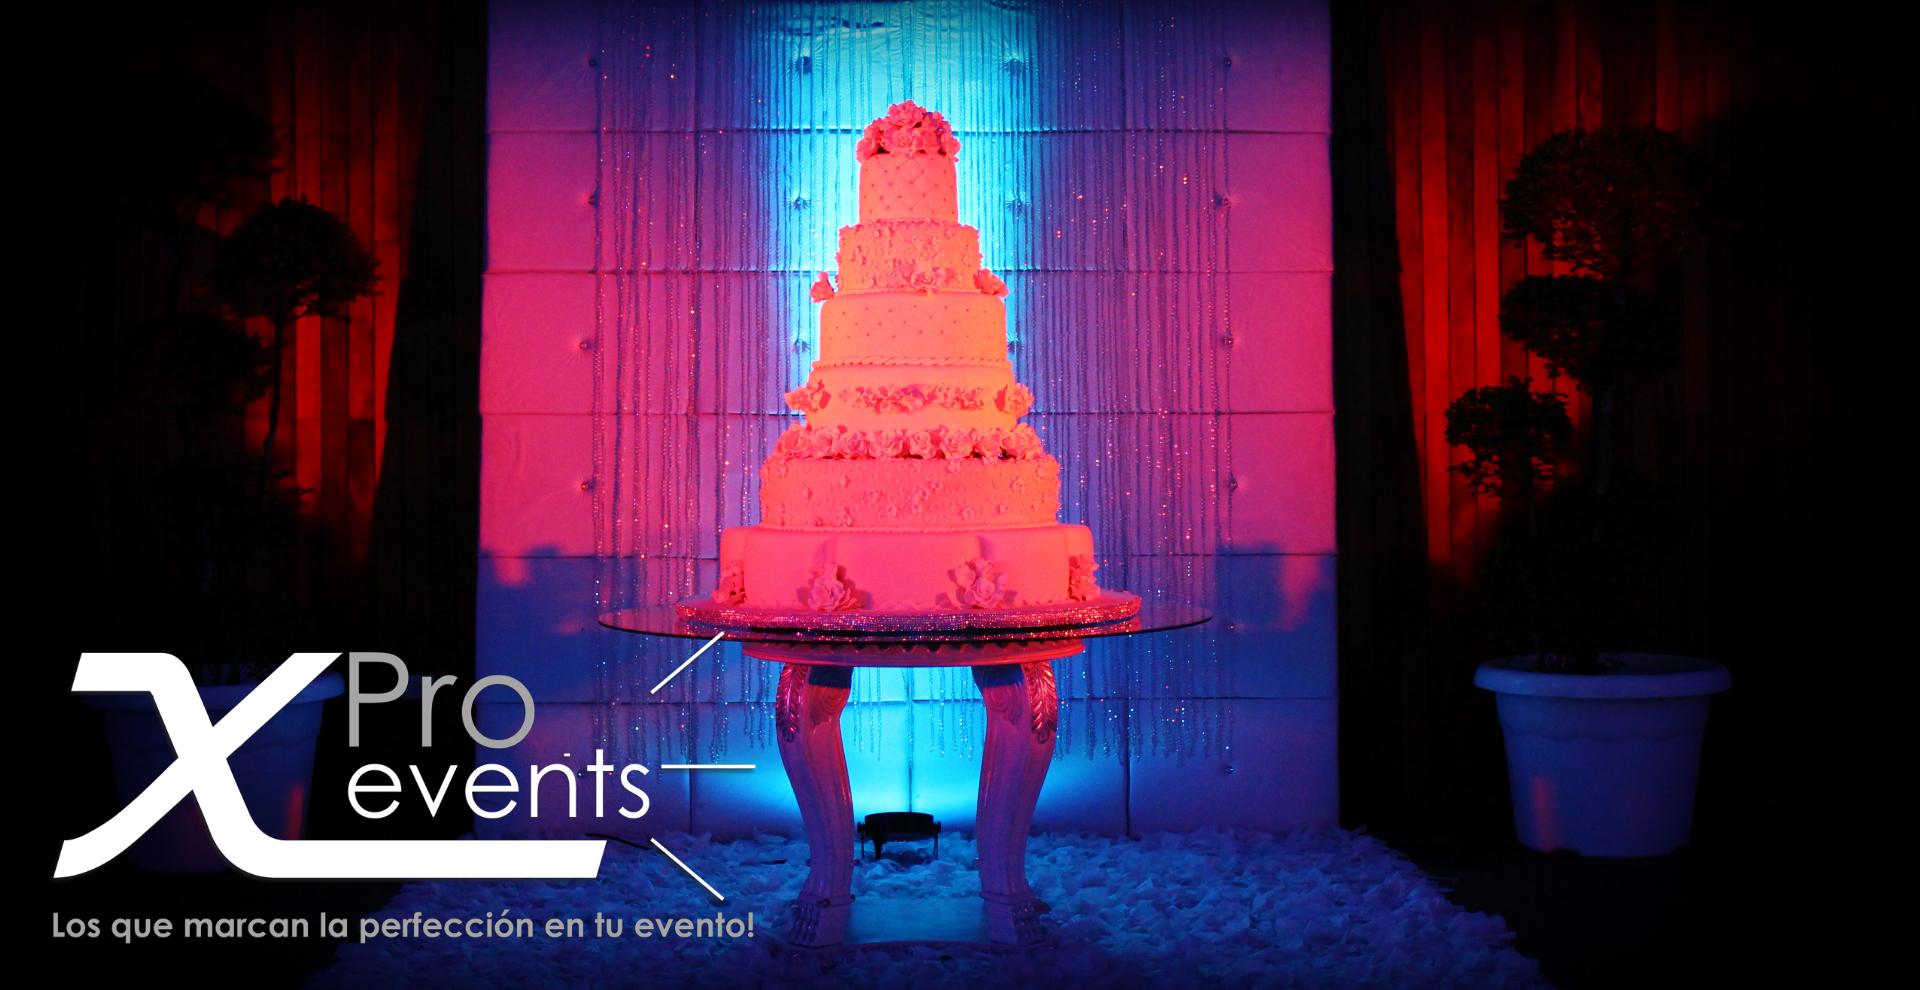 www.Xproevents.com - Veteranos en iluminacion de bizcochos.JPG